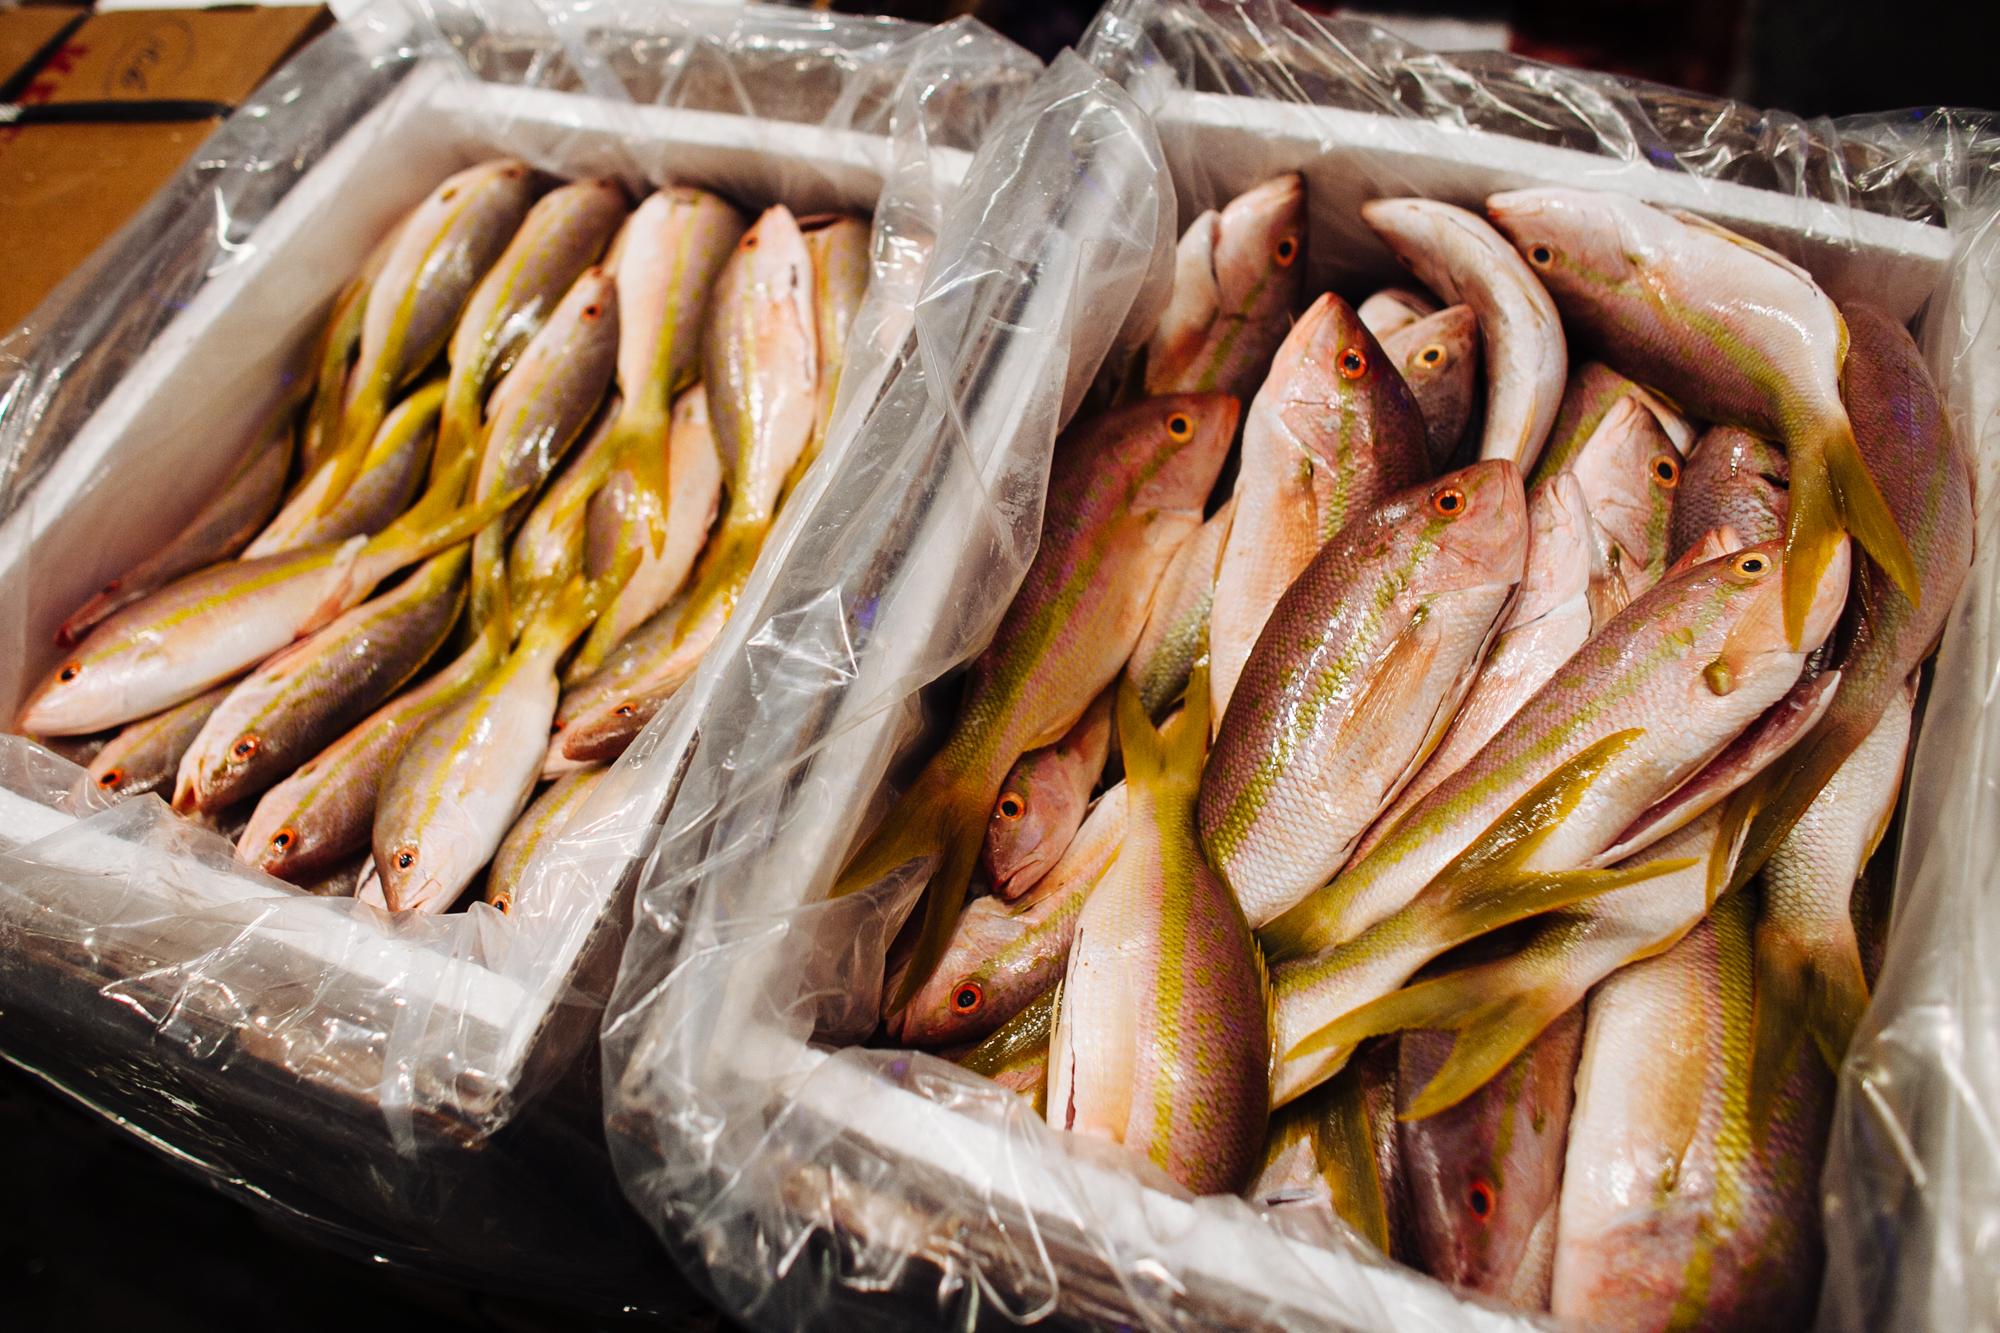 HeatherPhelpsLipton-Fish-HuntsPoint-FultonFishMarket-17.jpg